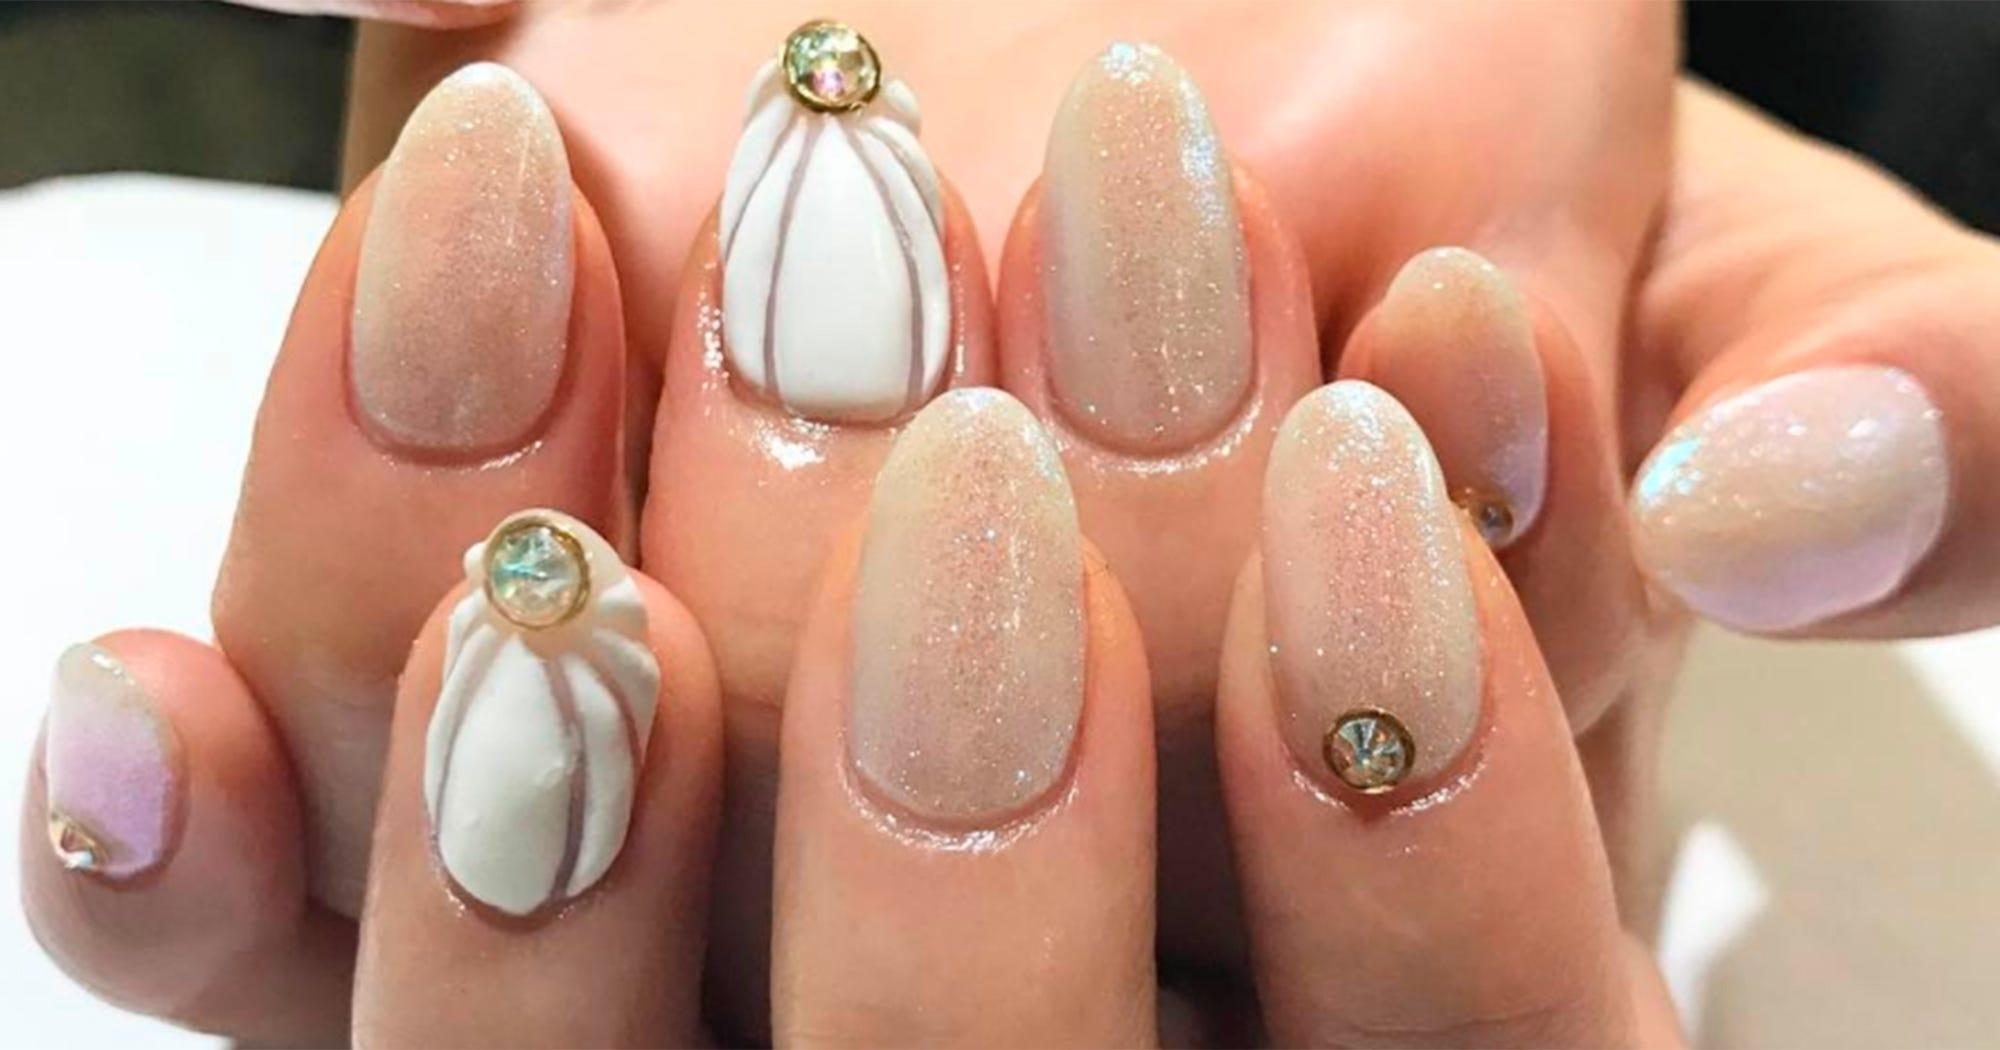 Crazy Nail Art - Weird Manicure Trends